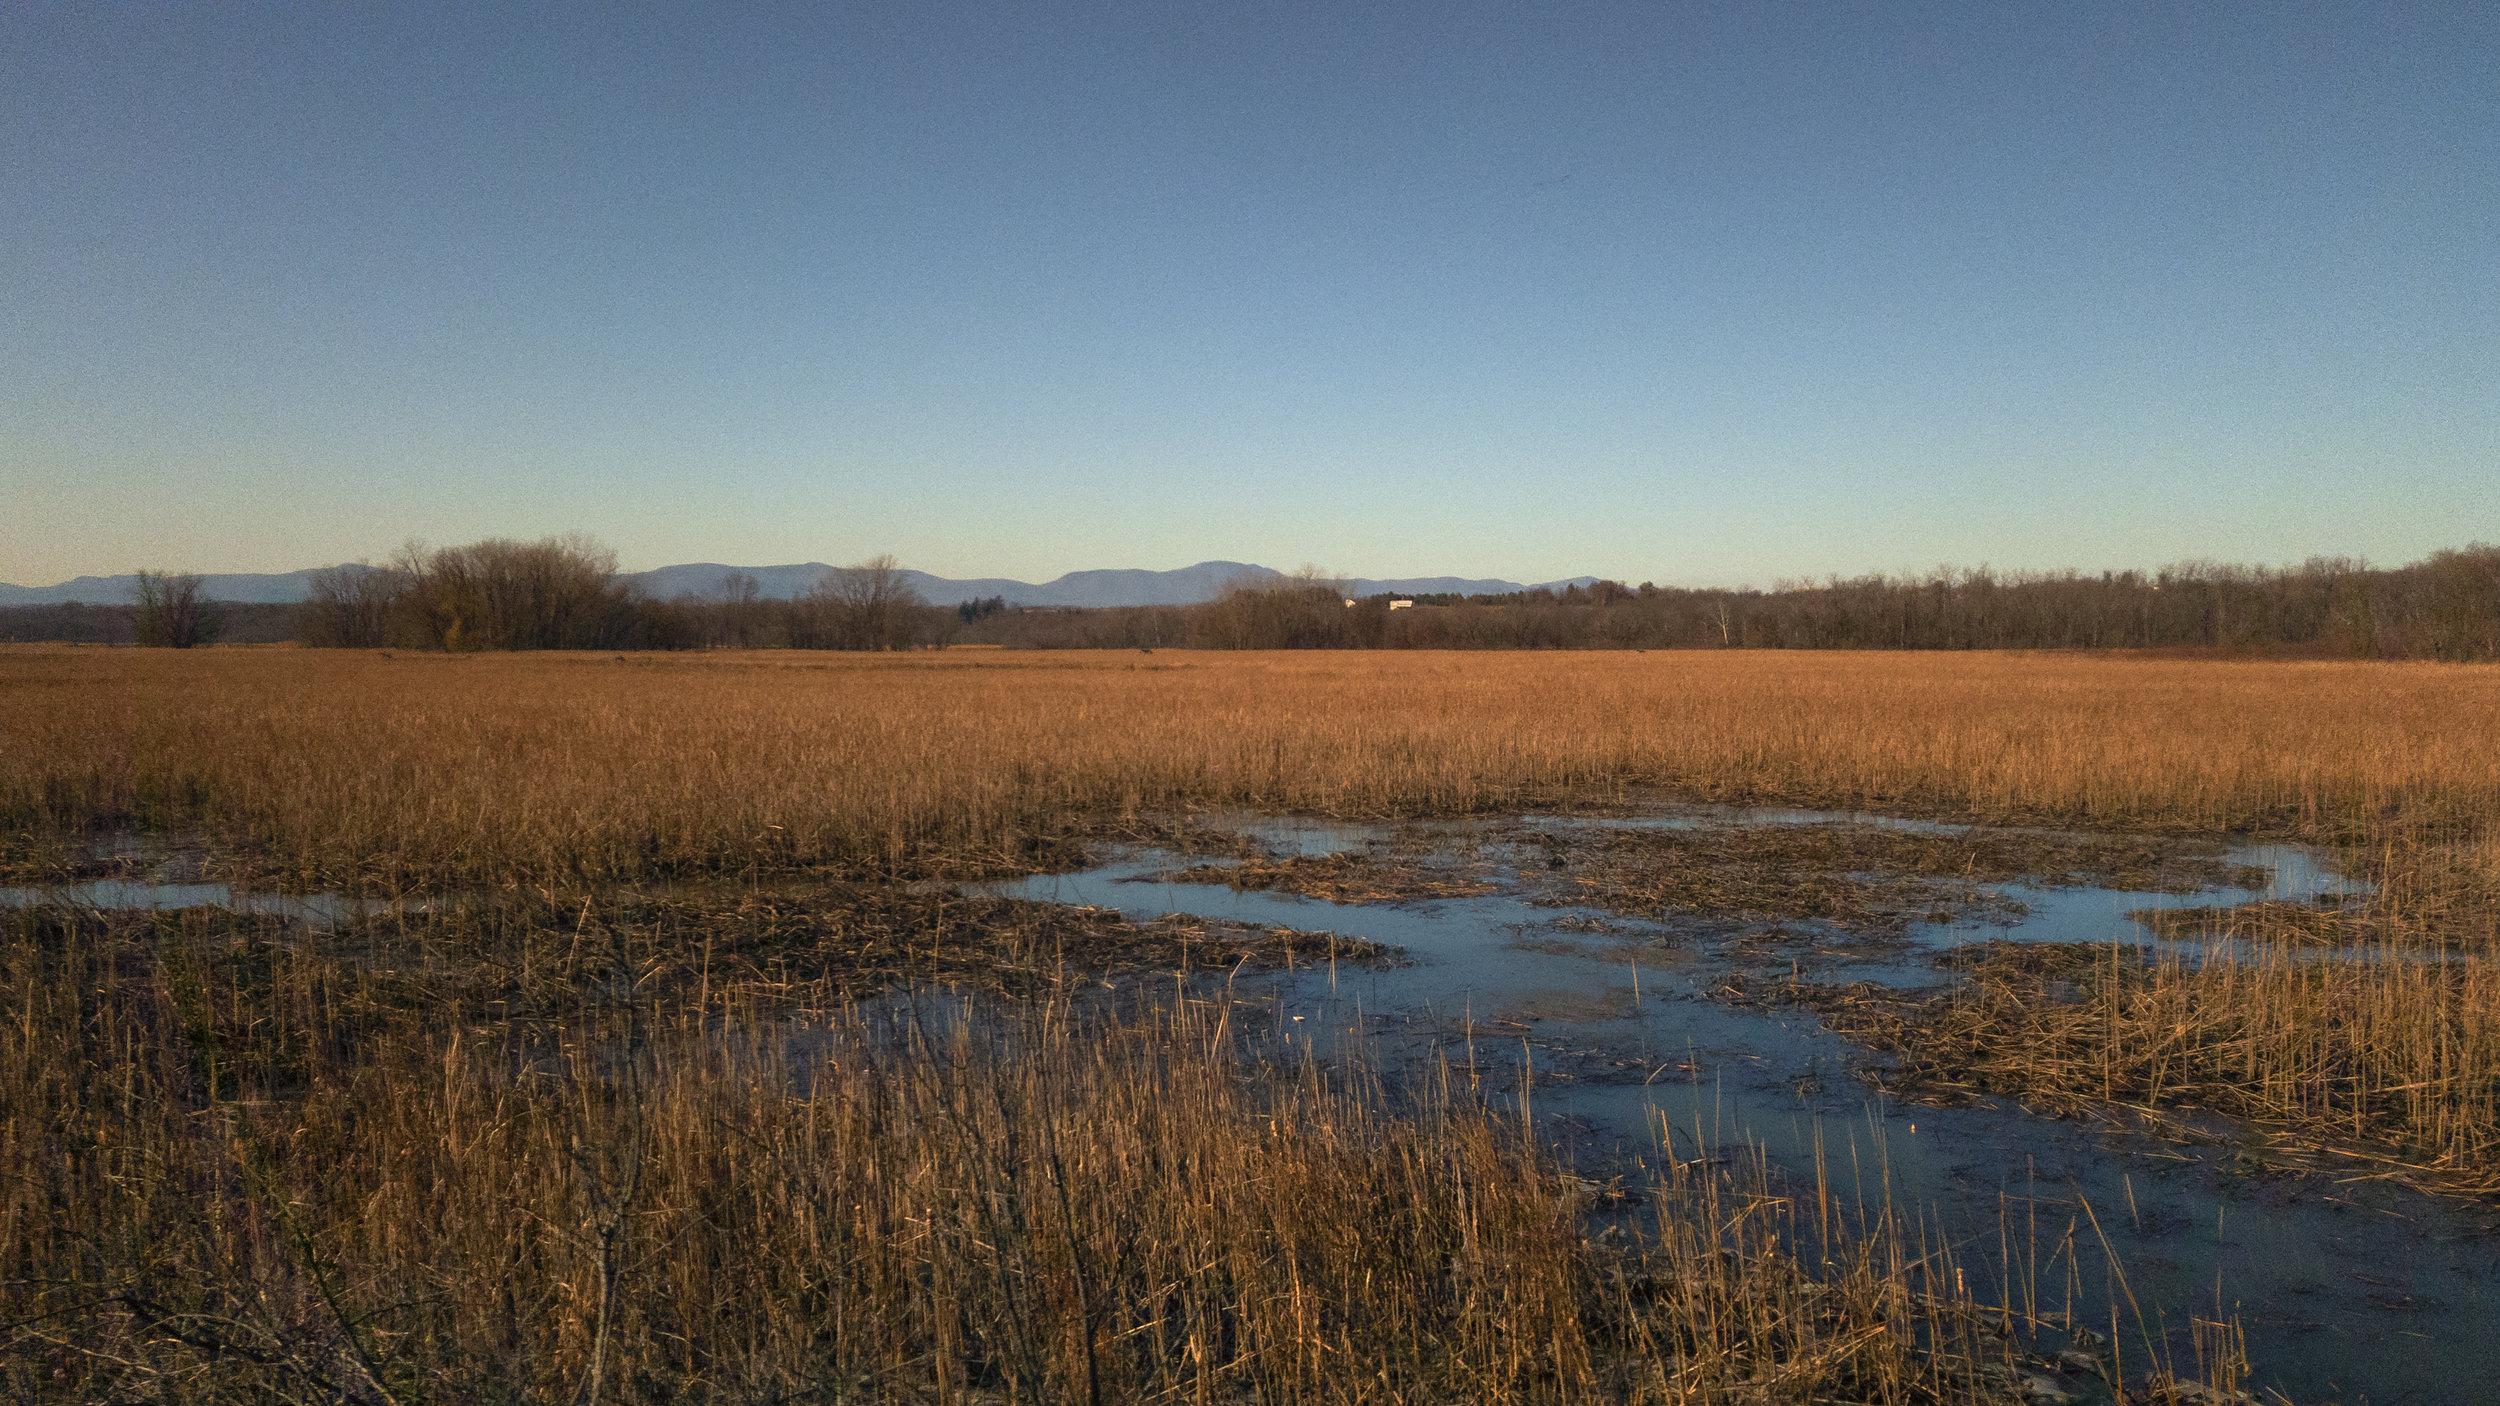 Hudson River Wetlands, near Stockport NY